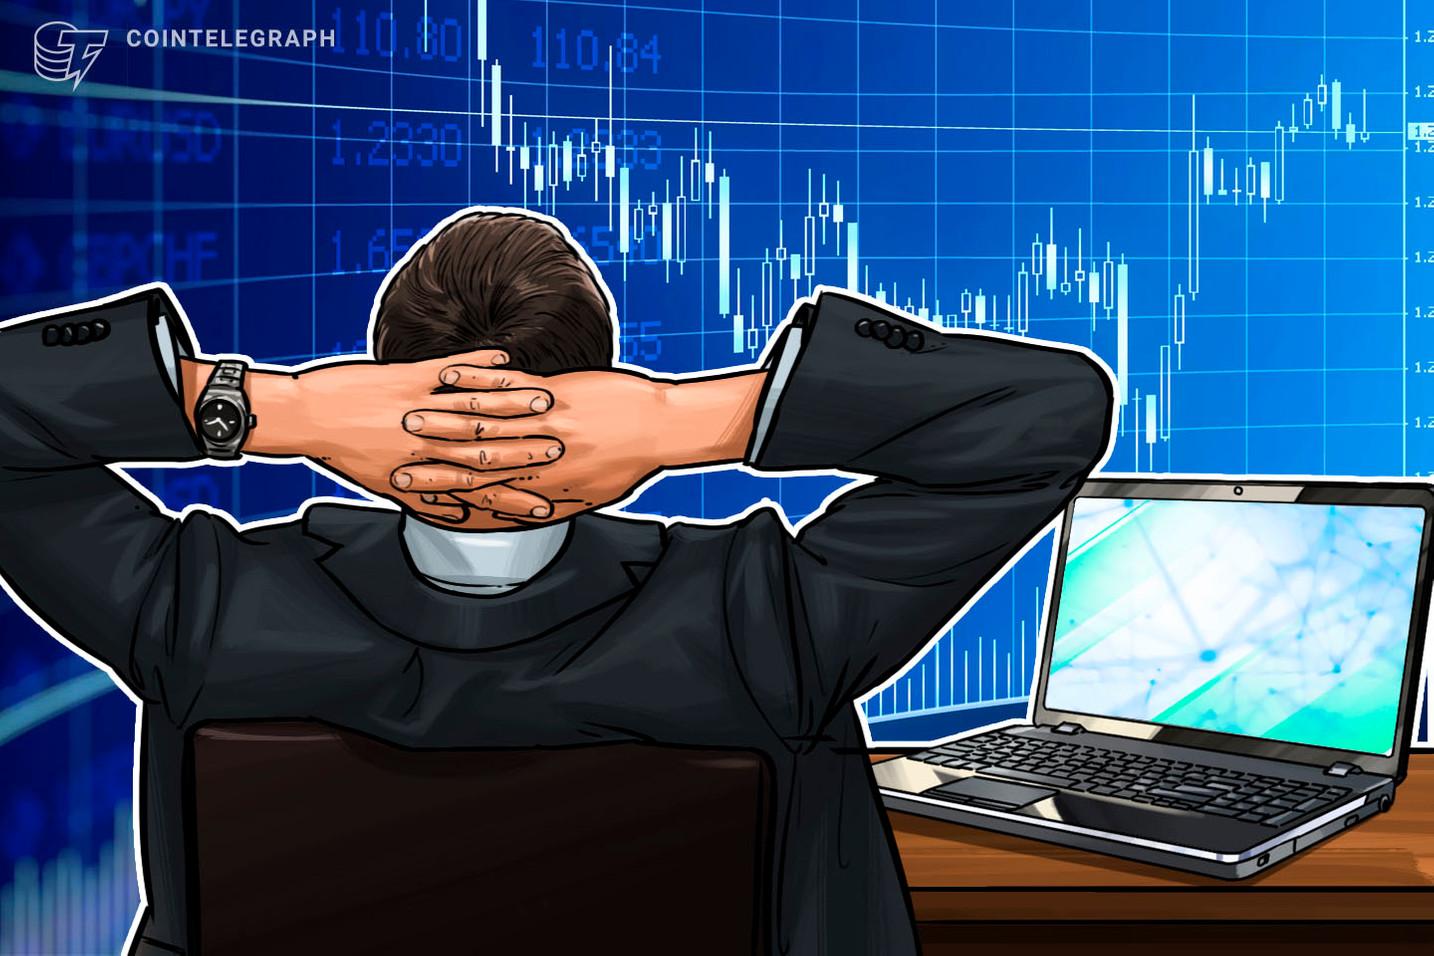 Verbot aufgehoben? – Usbekistan will Handel mit Kryptowährungen erlauben